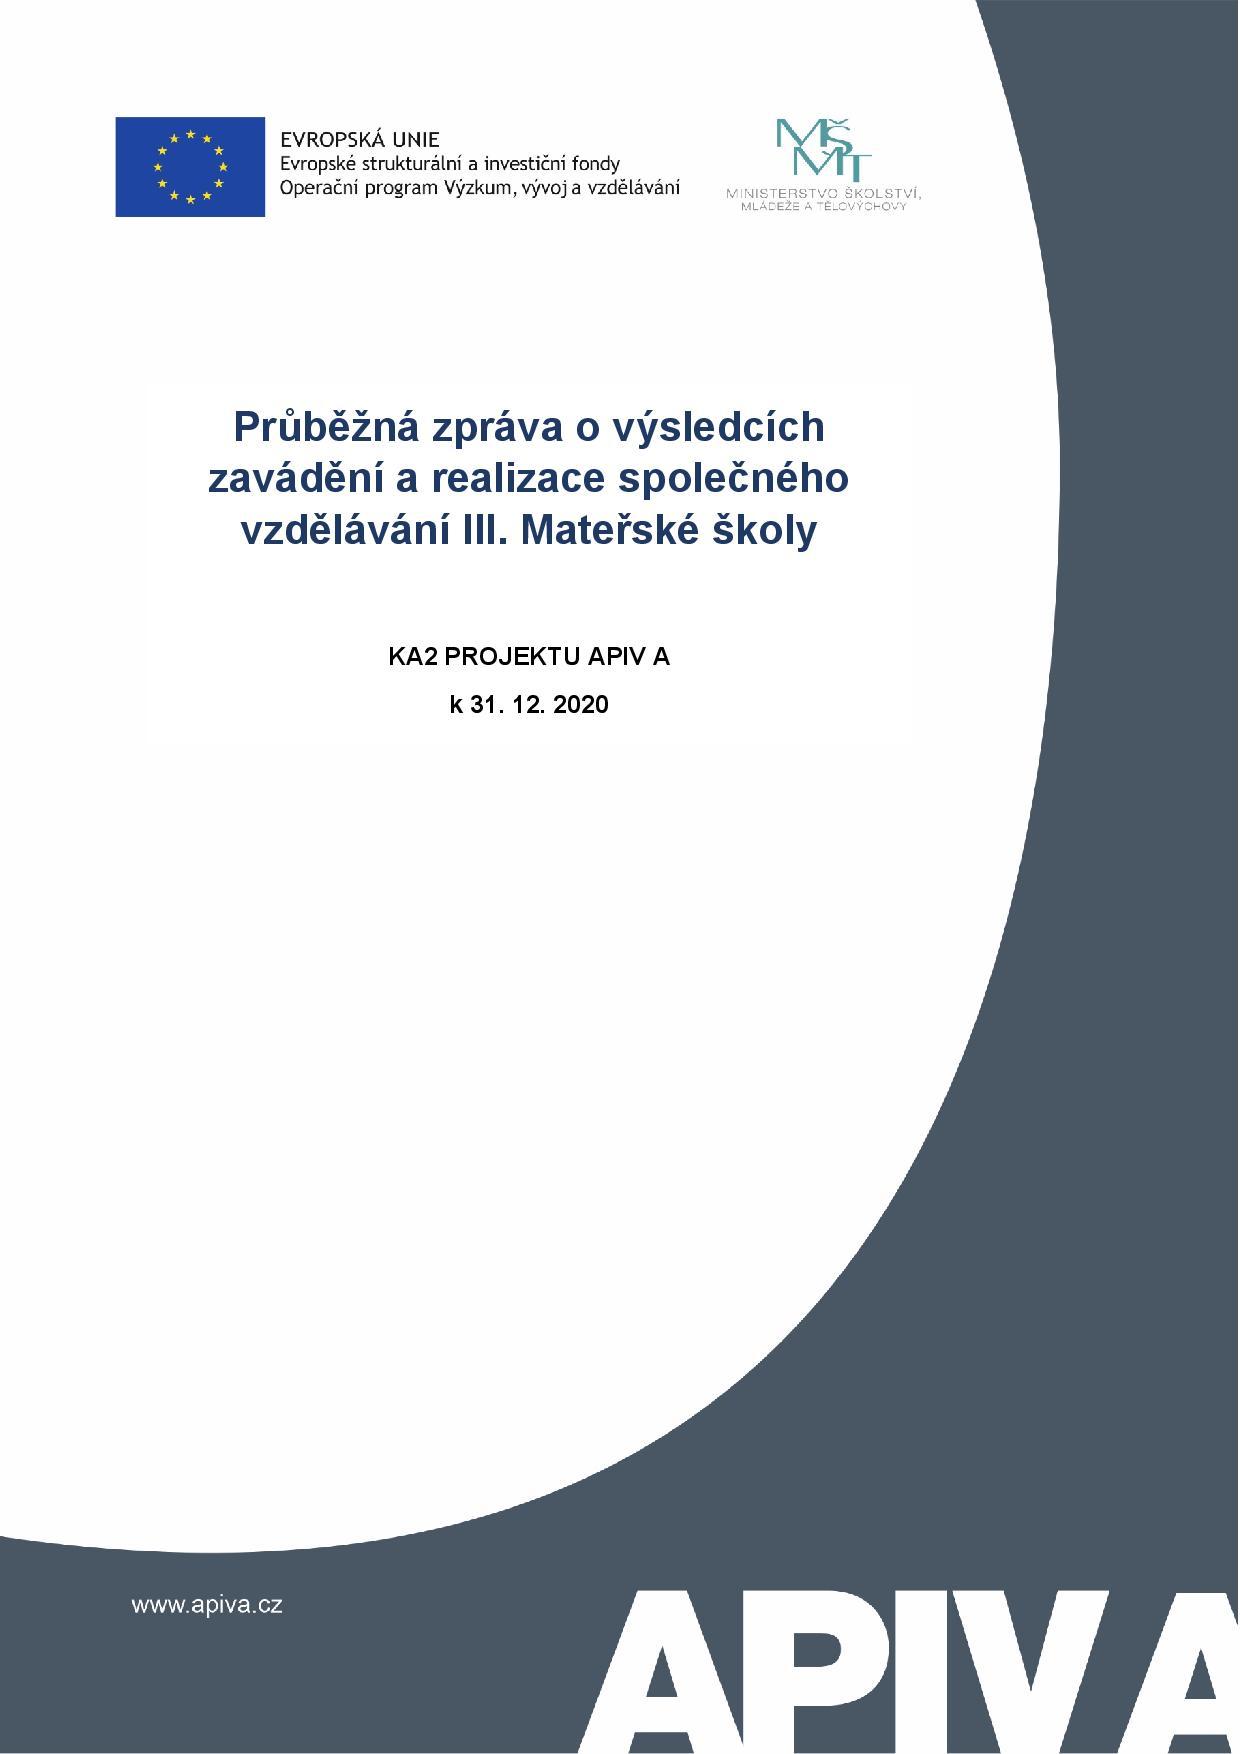 Průběžná zpráva o výsledcích zavádění a realizace společného vzdělávání III. Mateřské školy